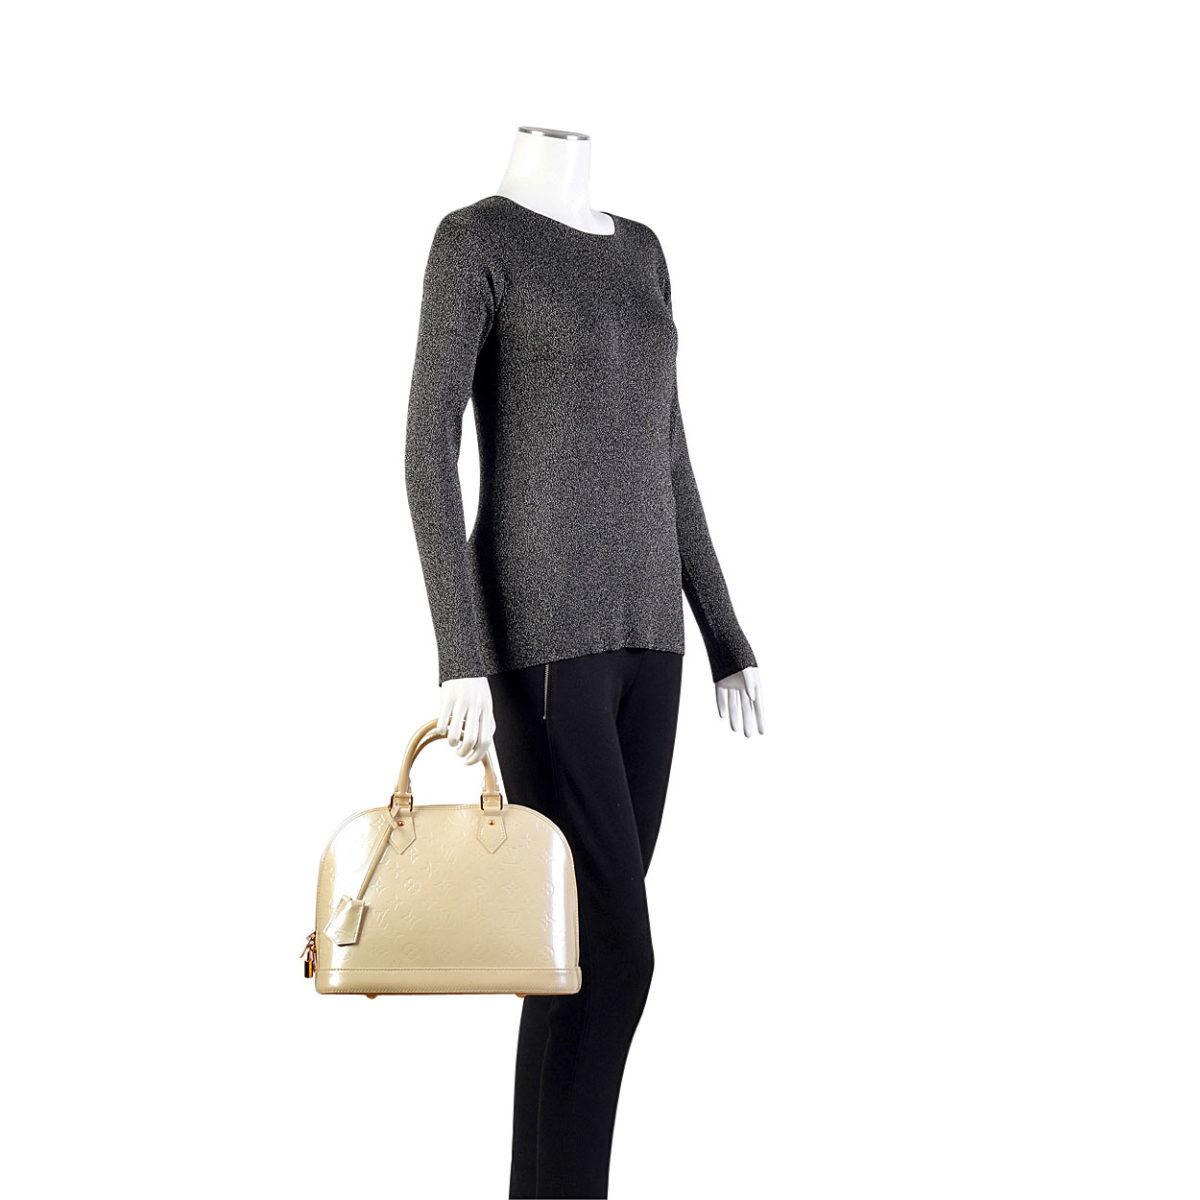 1a99e283713 Louis Vuitton Vernis Alma Pm Bag